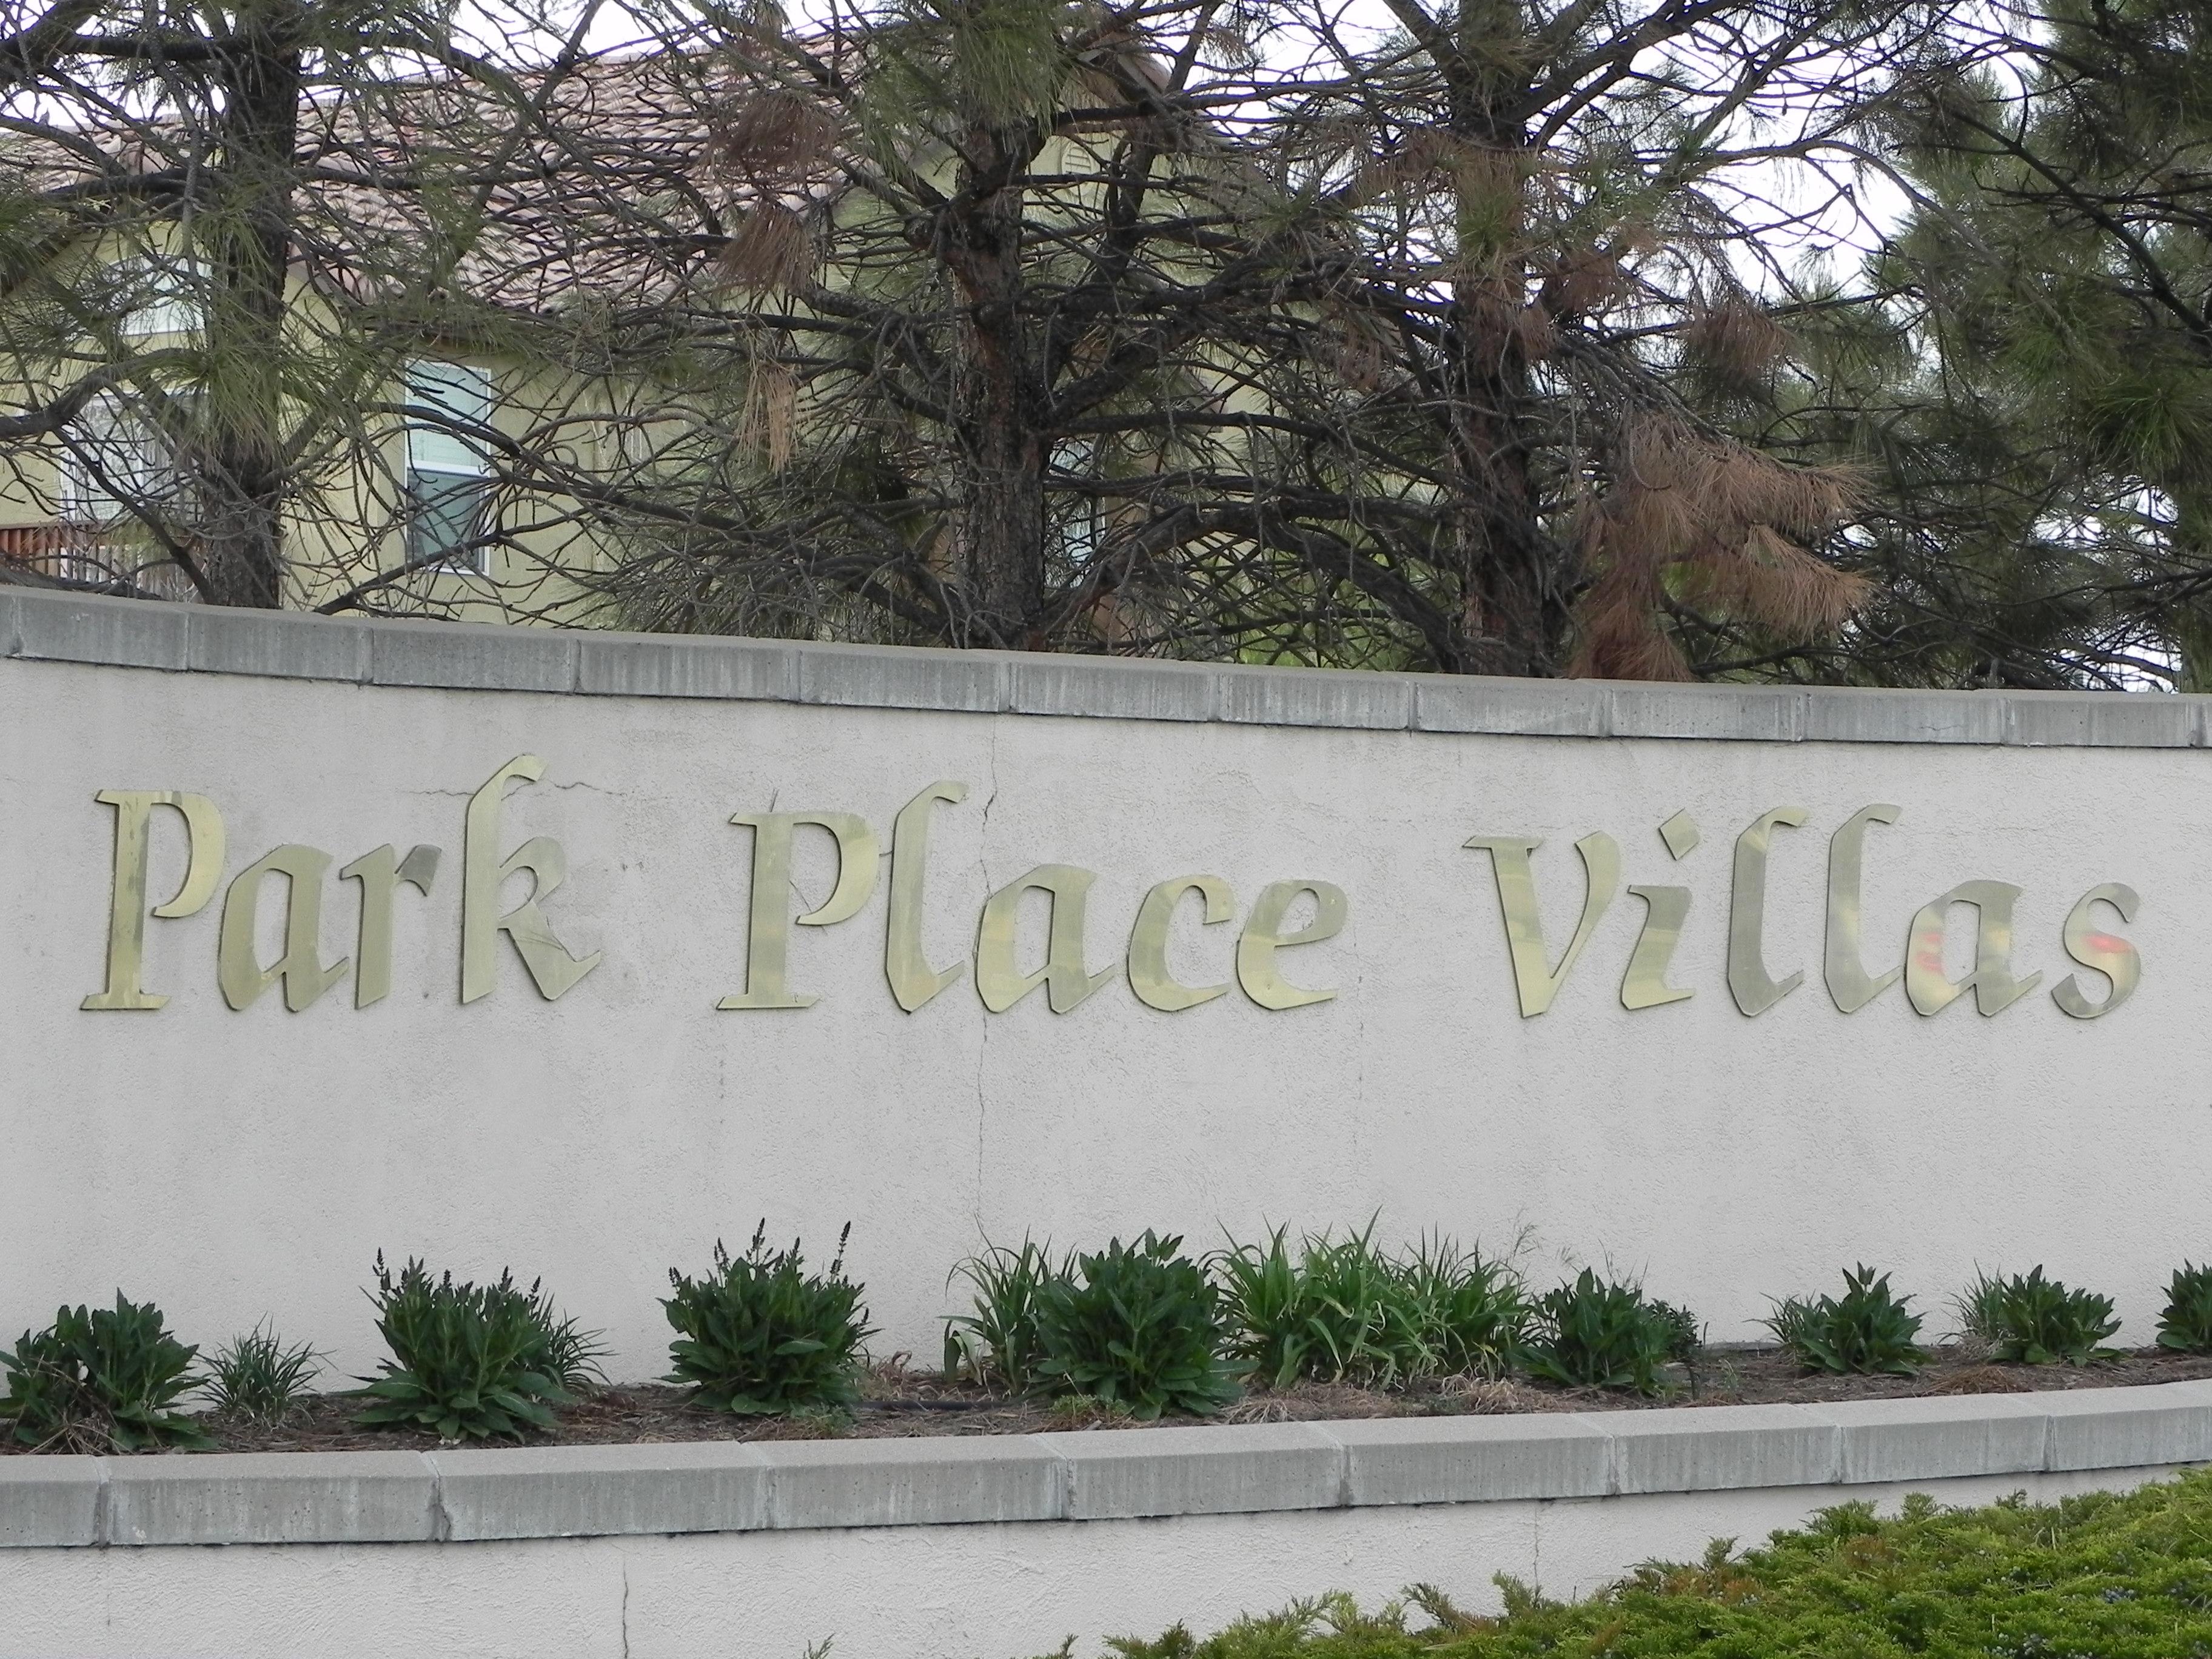 Park Place Villas